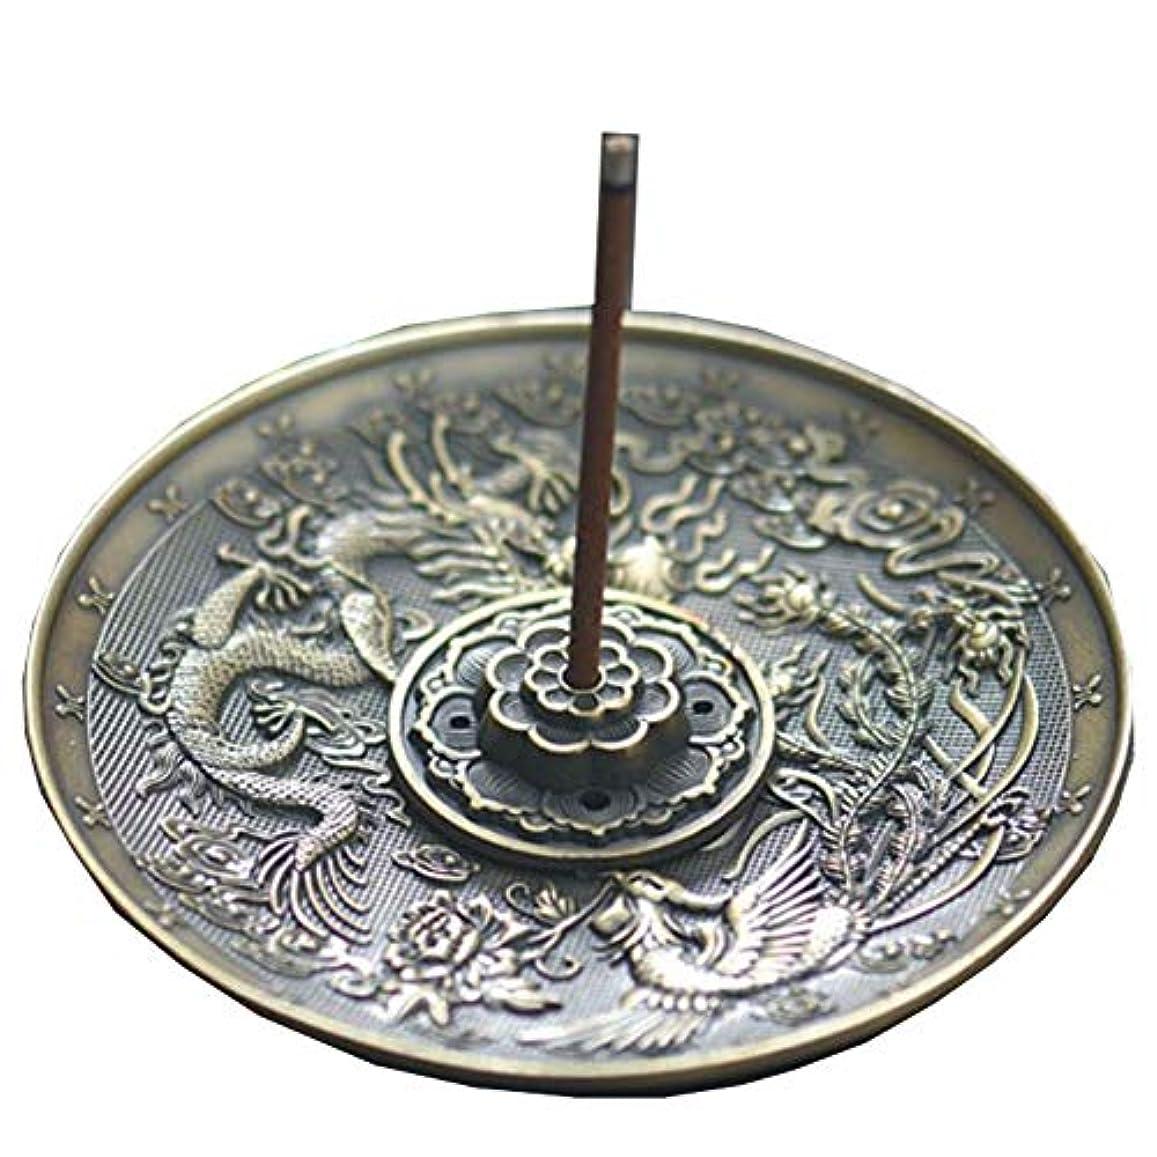 対立じゃがいもテーマ[RADISSY] お香立て 香炉 香皿 スティック 円錐 タイプ お香 スタンド 龍のデザイン (青銅色5穴)